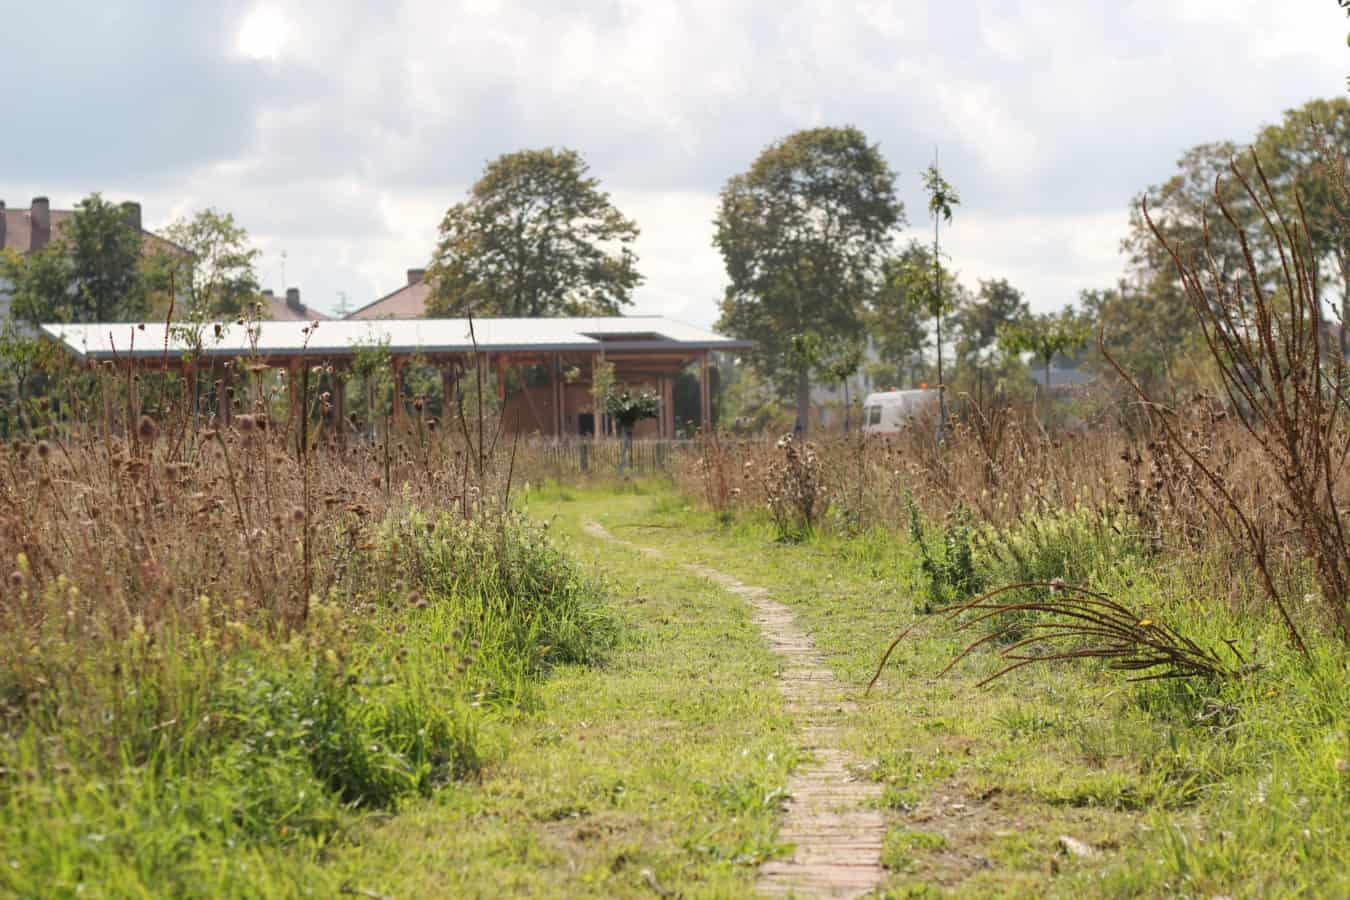 Parc du Champ des Bruyères - Mutabilis